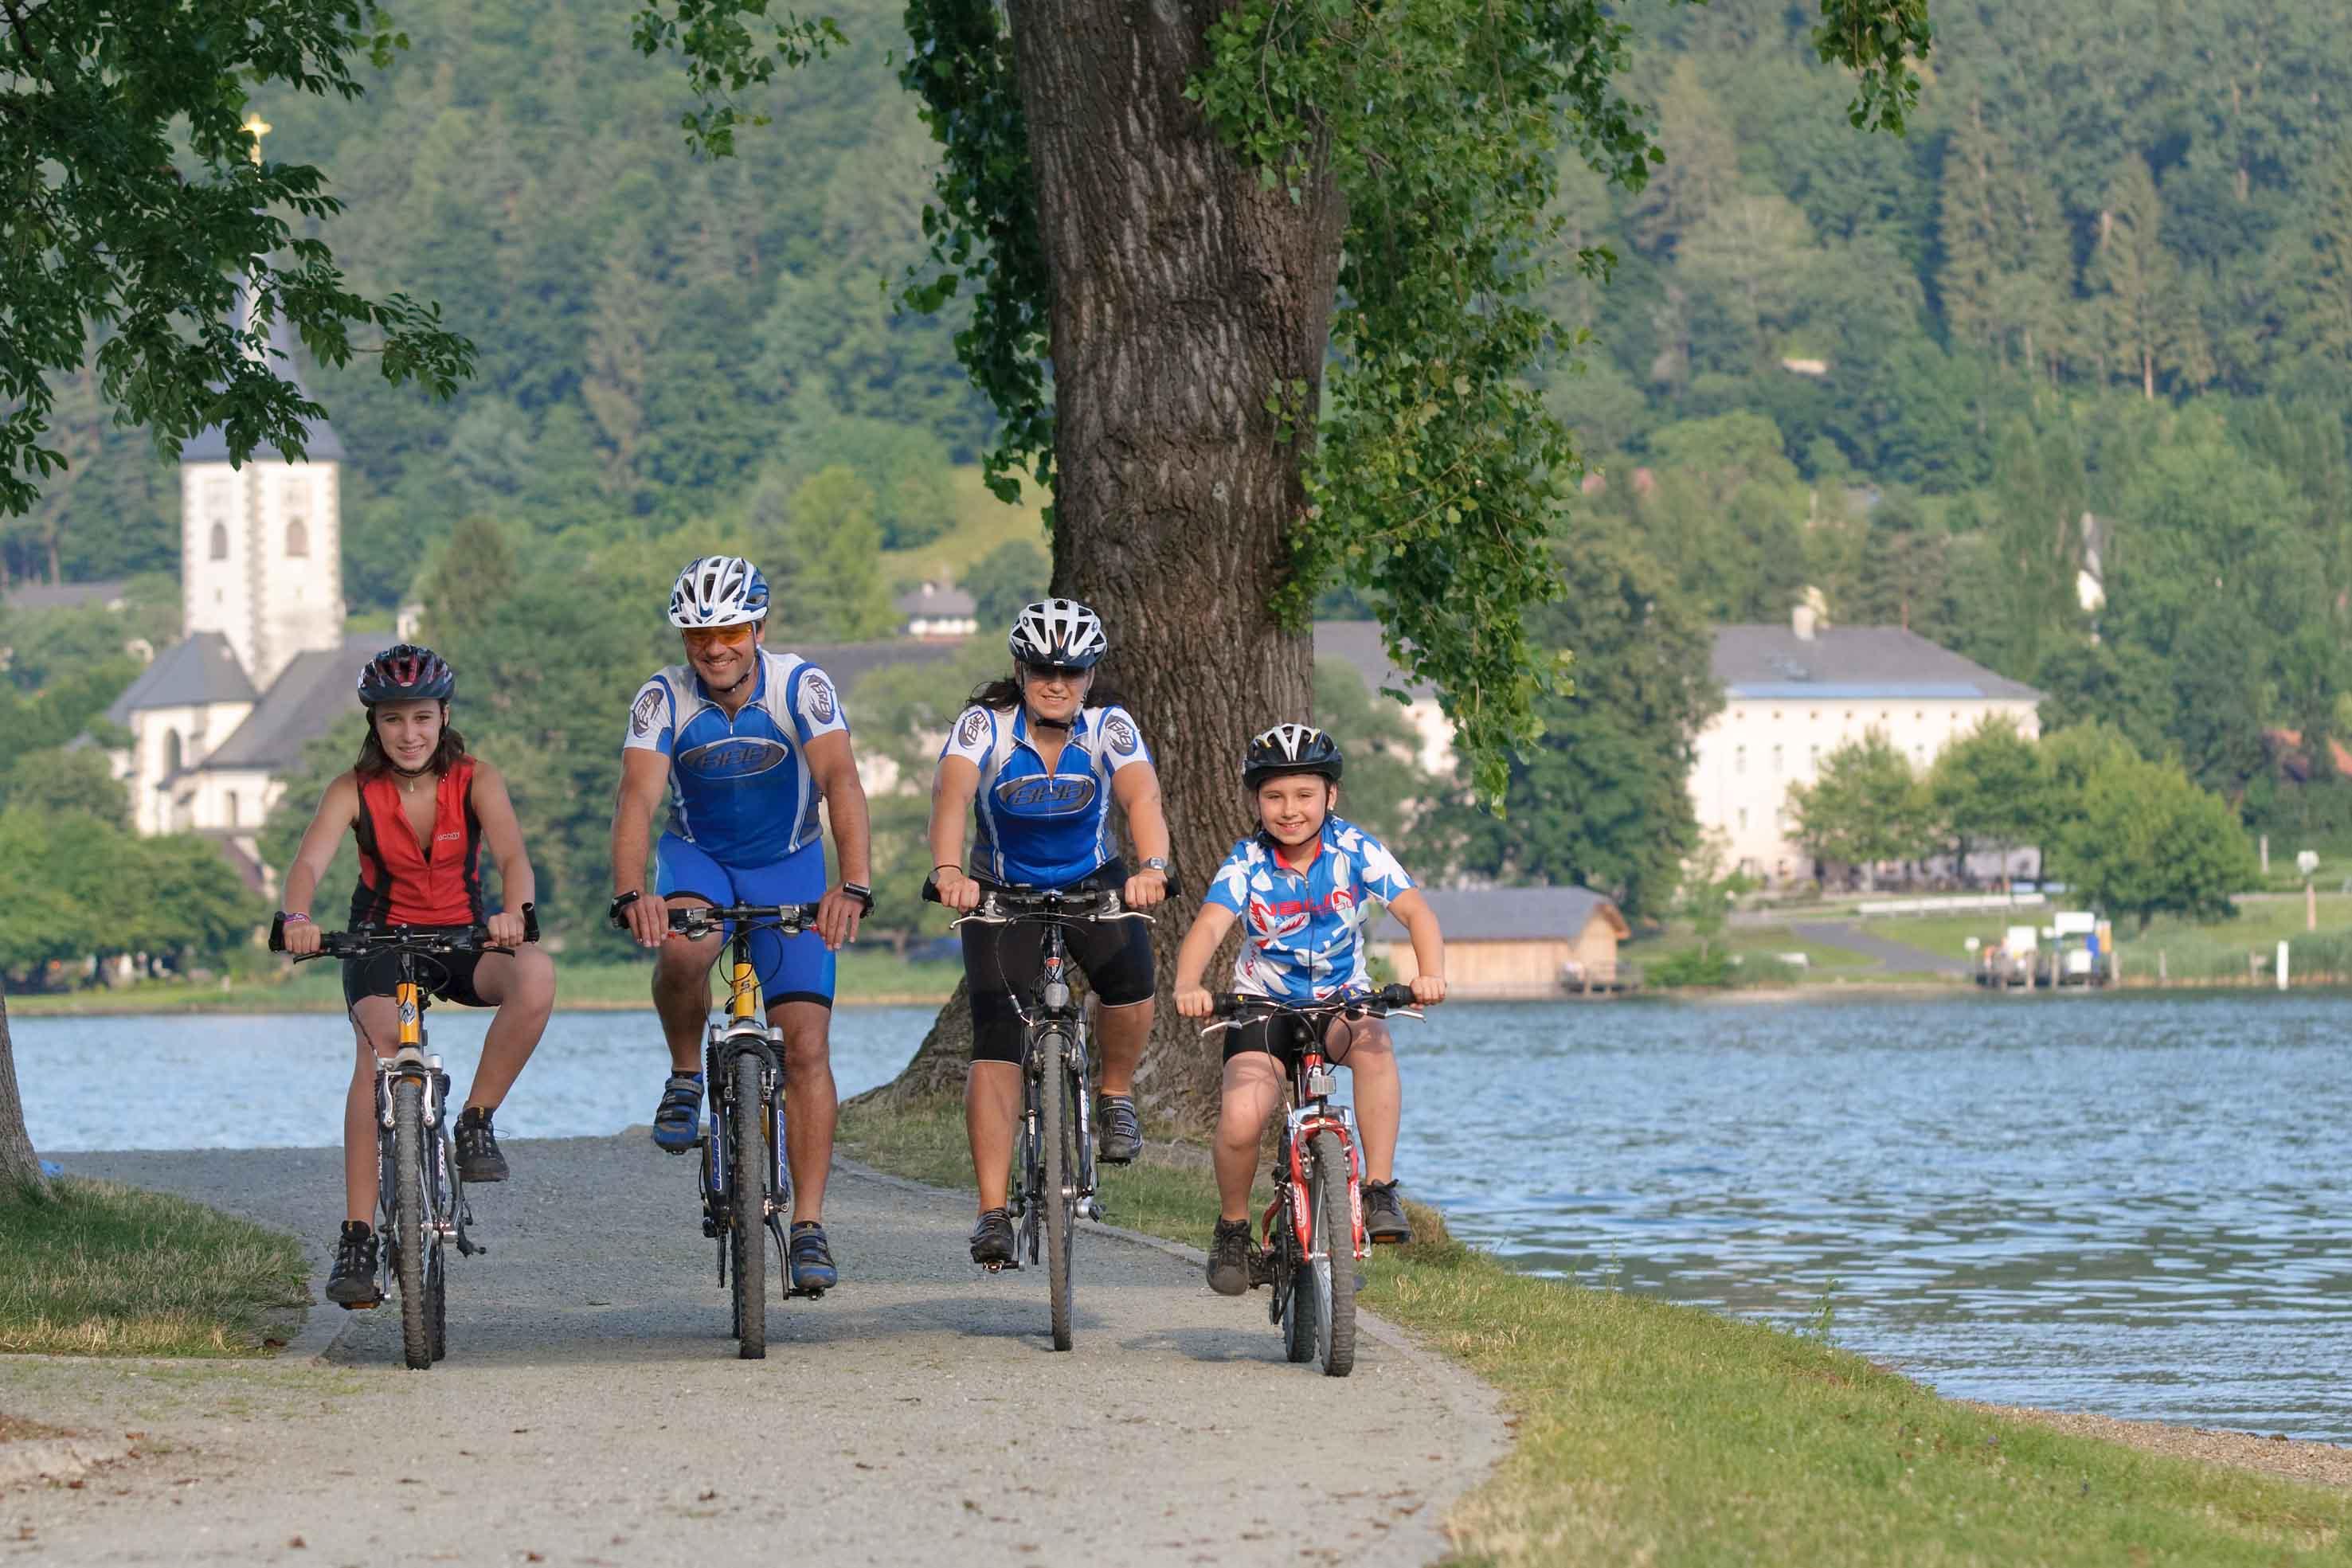 Villach, scoprire la Carinzia in bicicletta per una vacanza bike